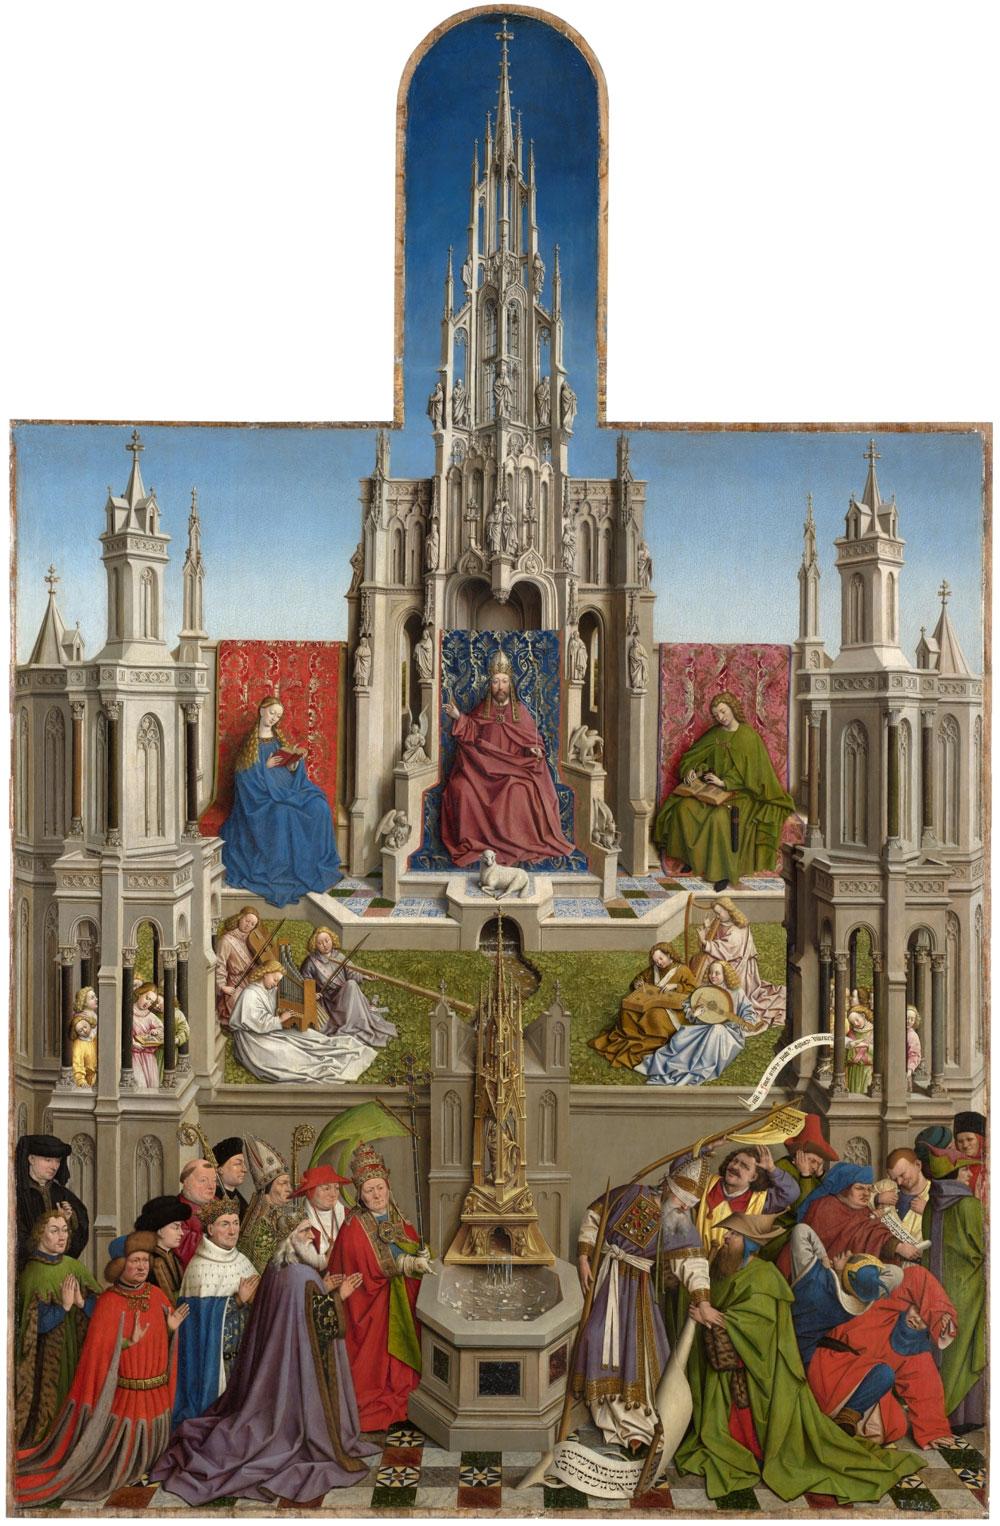 La Fuente de la Gracia si mostra restaurata al Museo del Prado